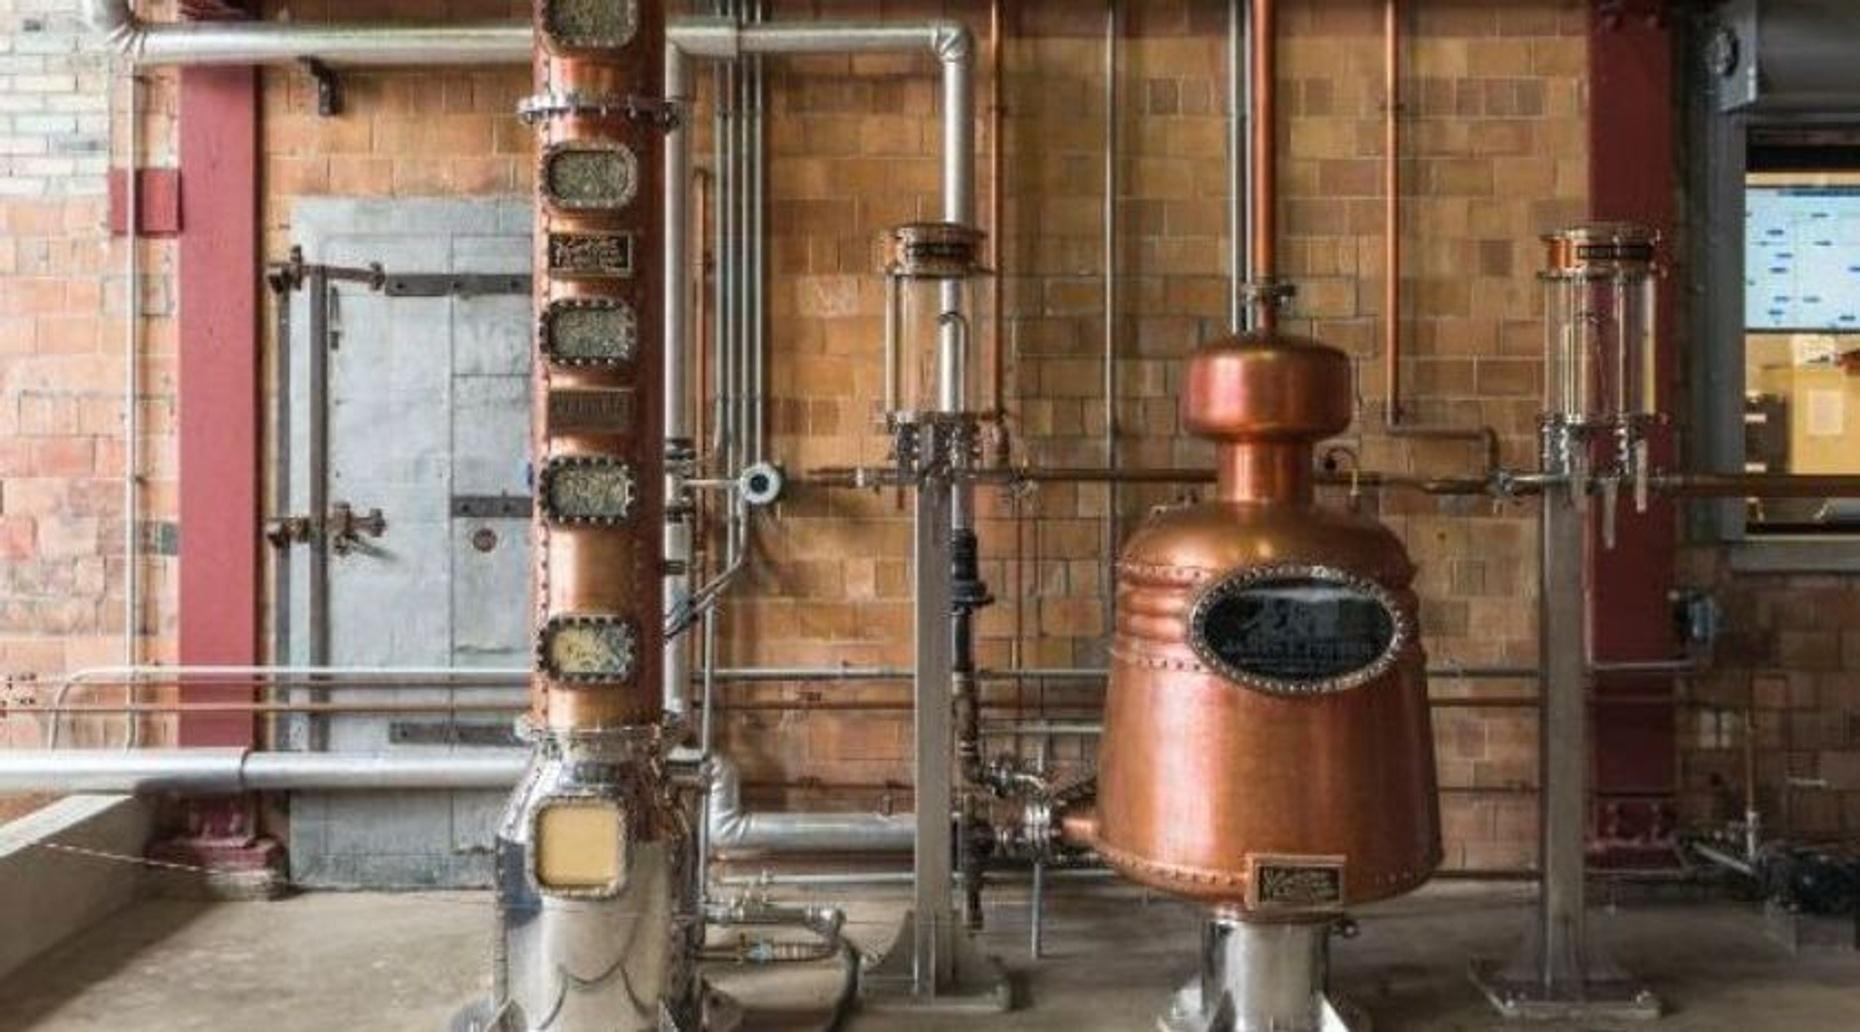 Copper & Cocktails Distillery Tour in Lexington